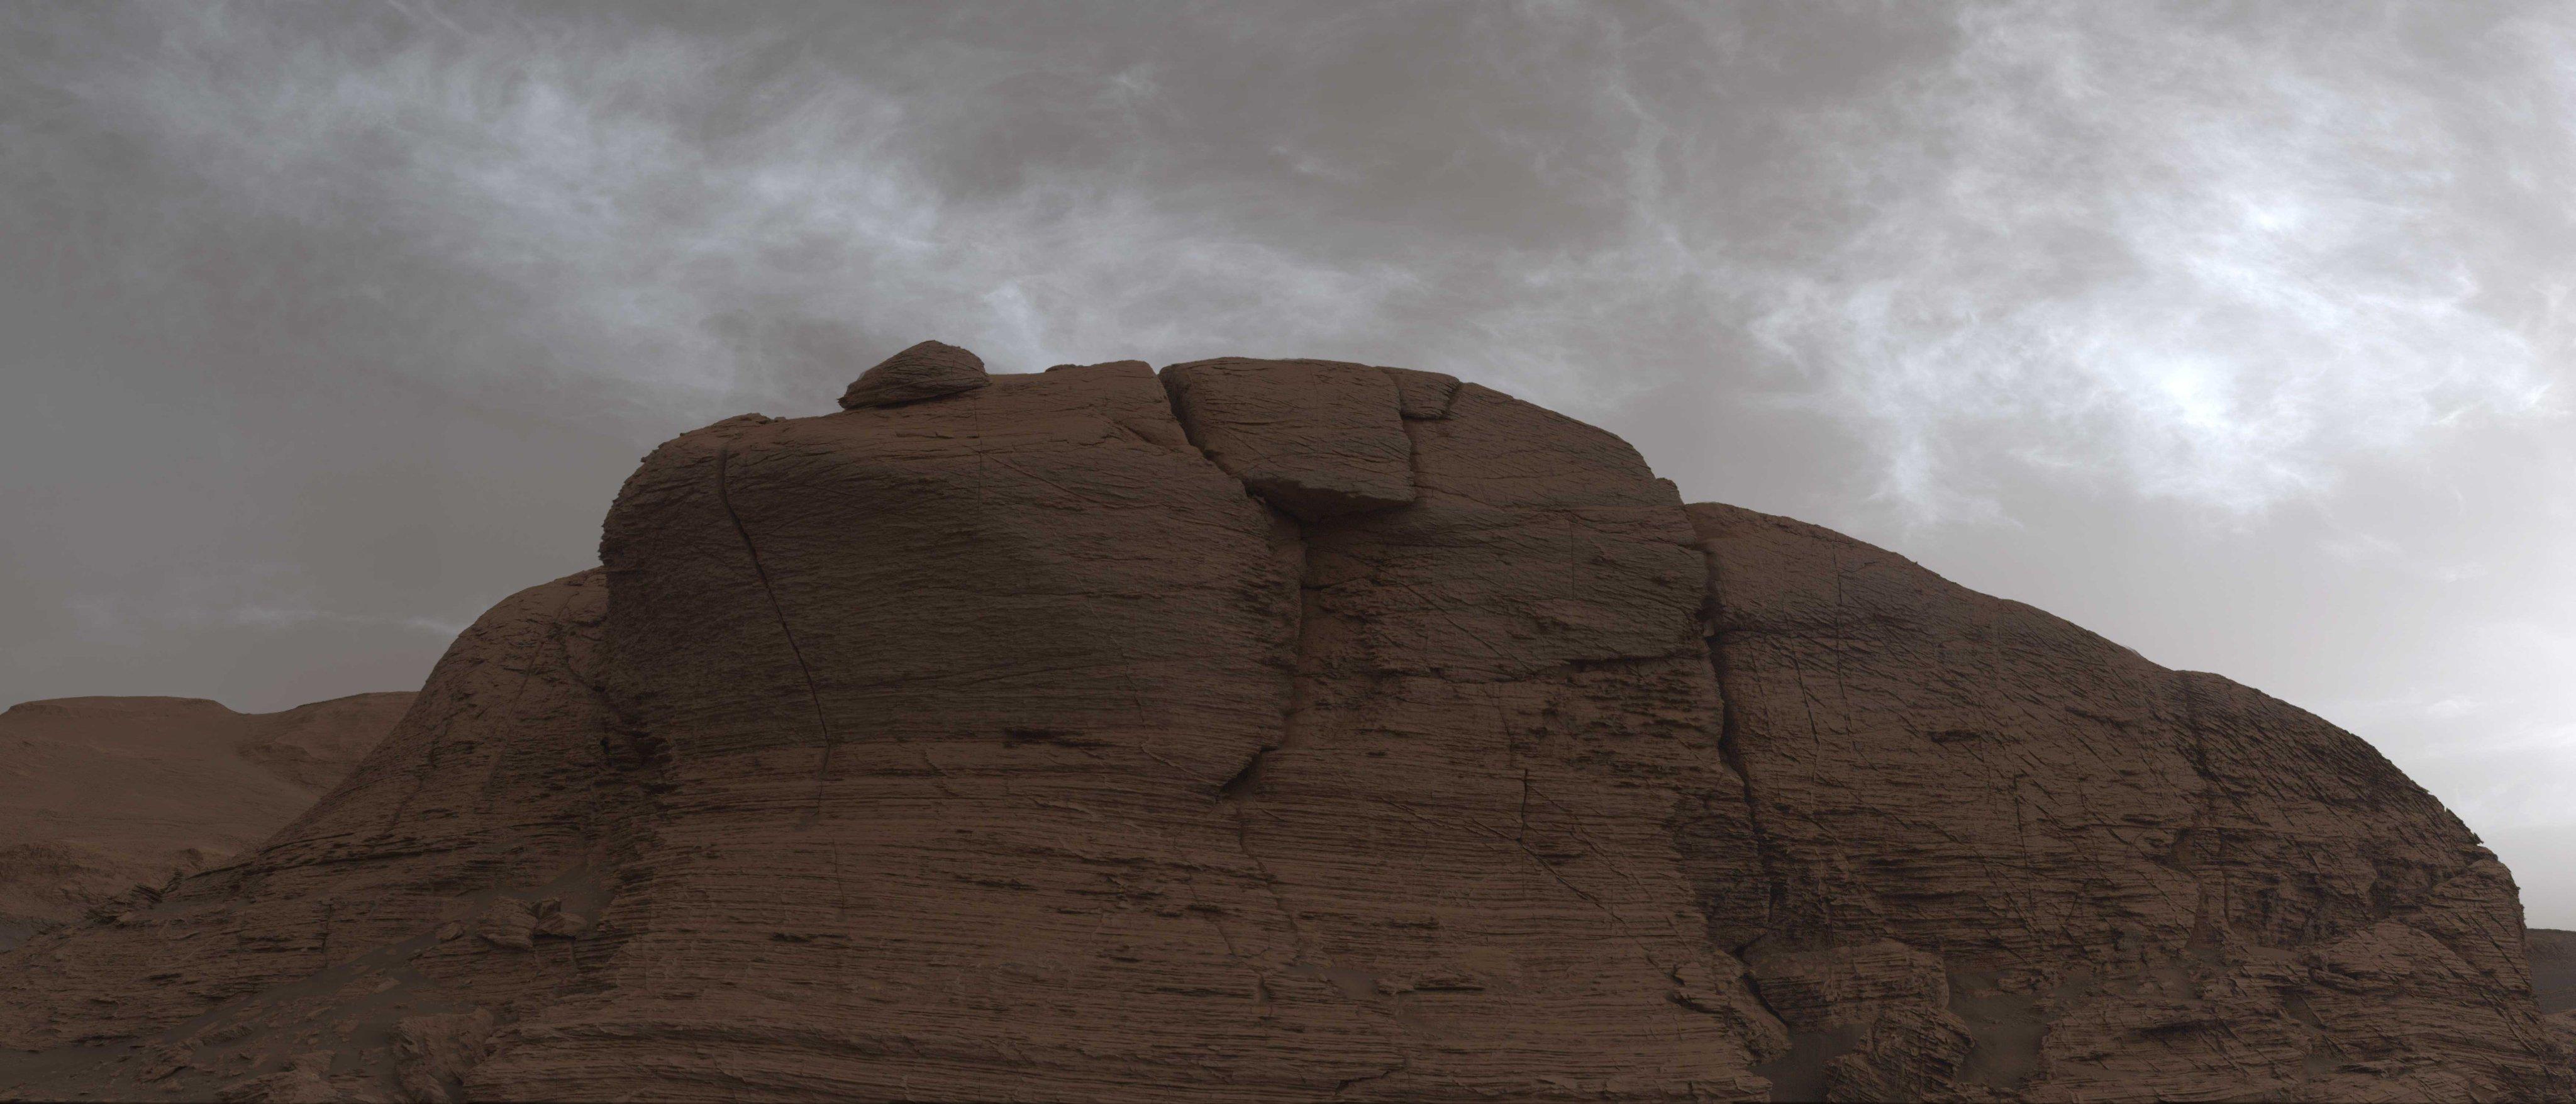 Как выглядит марсианское небо: марсоход NASA сделал несколько фотографий  - фото 3